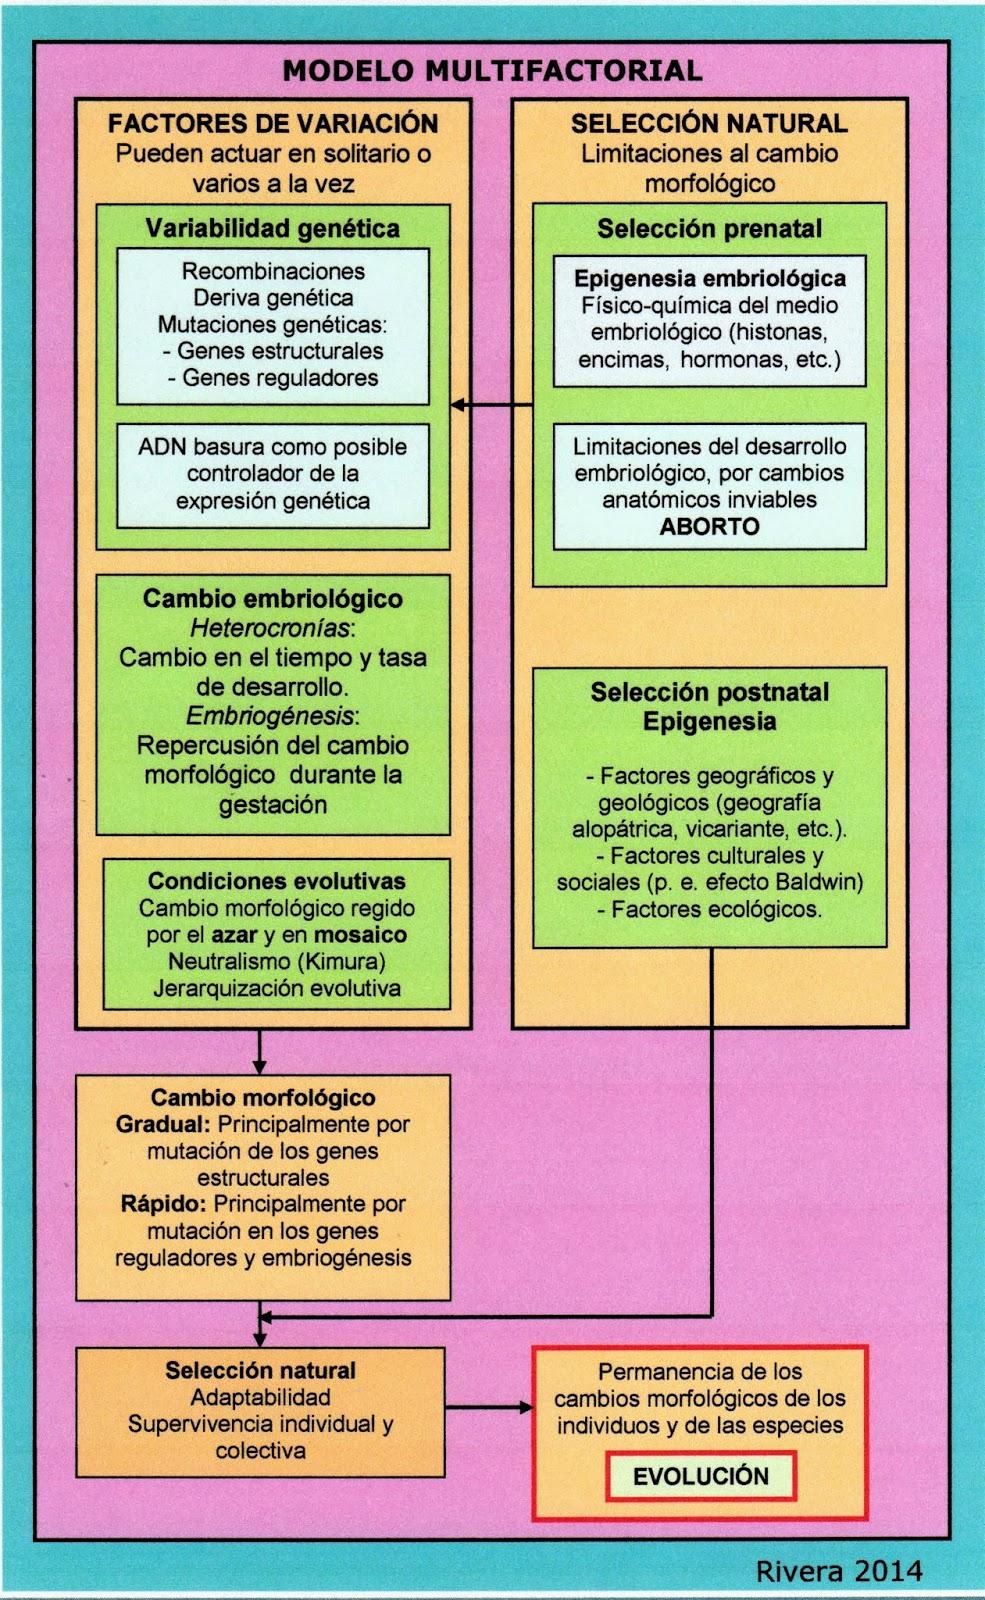 Psicobiología del género Homo: Evolución neurológica: un enfoque ...